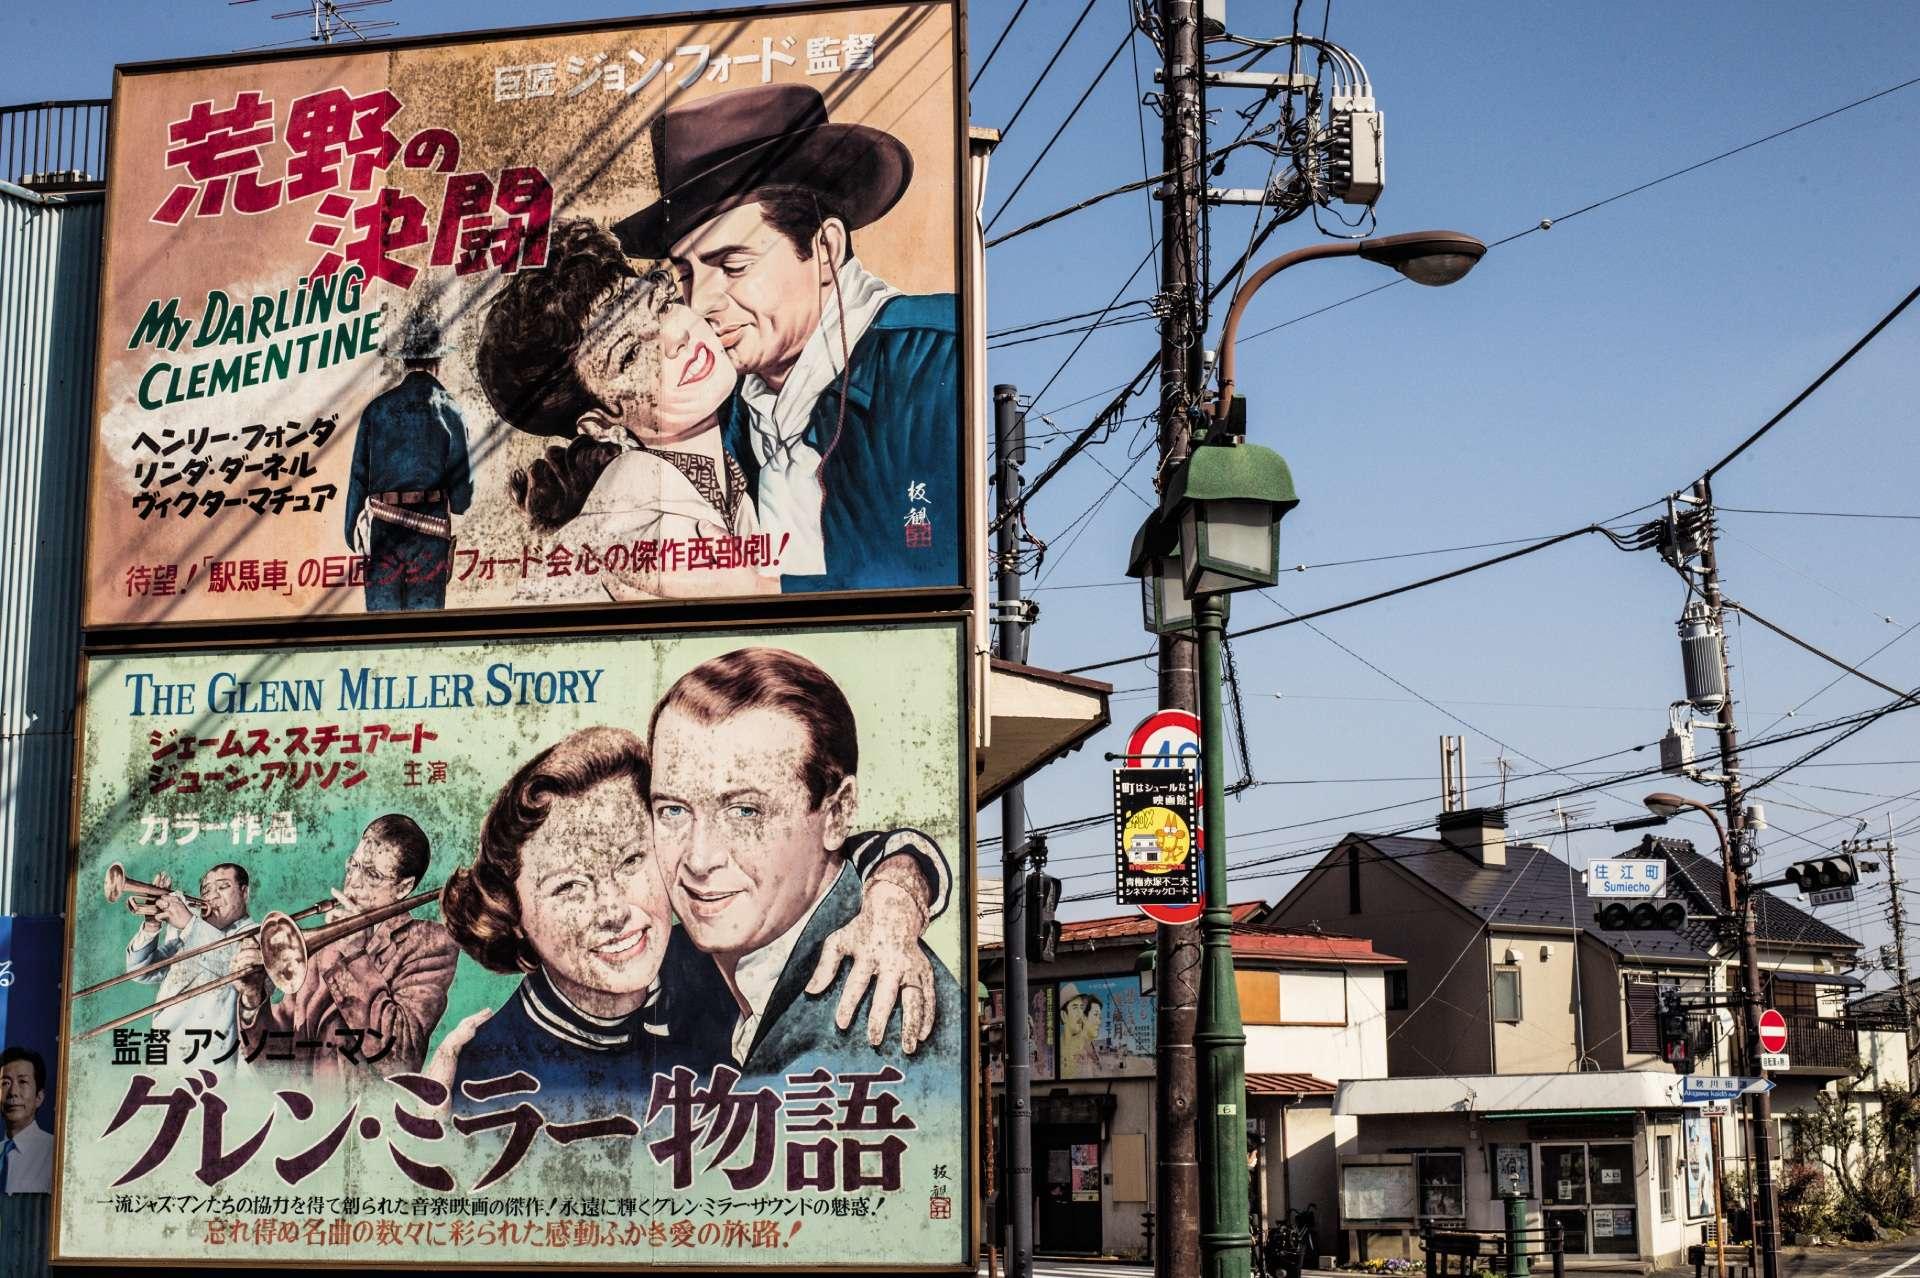 Les centaines de reproductions d'affiches de films placardées dans les rues d'Ome, au Japon, ont accroché l'œil de la photographe Chantal Stoman.A l'entrée de la ville, deux grandes affiches donnent le ton :« La Poursuite infernale», de John Ford (1946), et« Romance inachevée», d'Anthony Mann (1954).